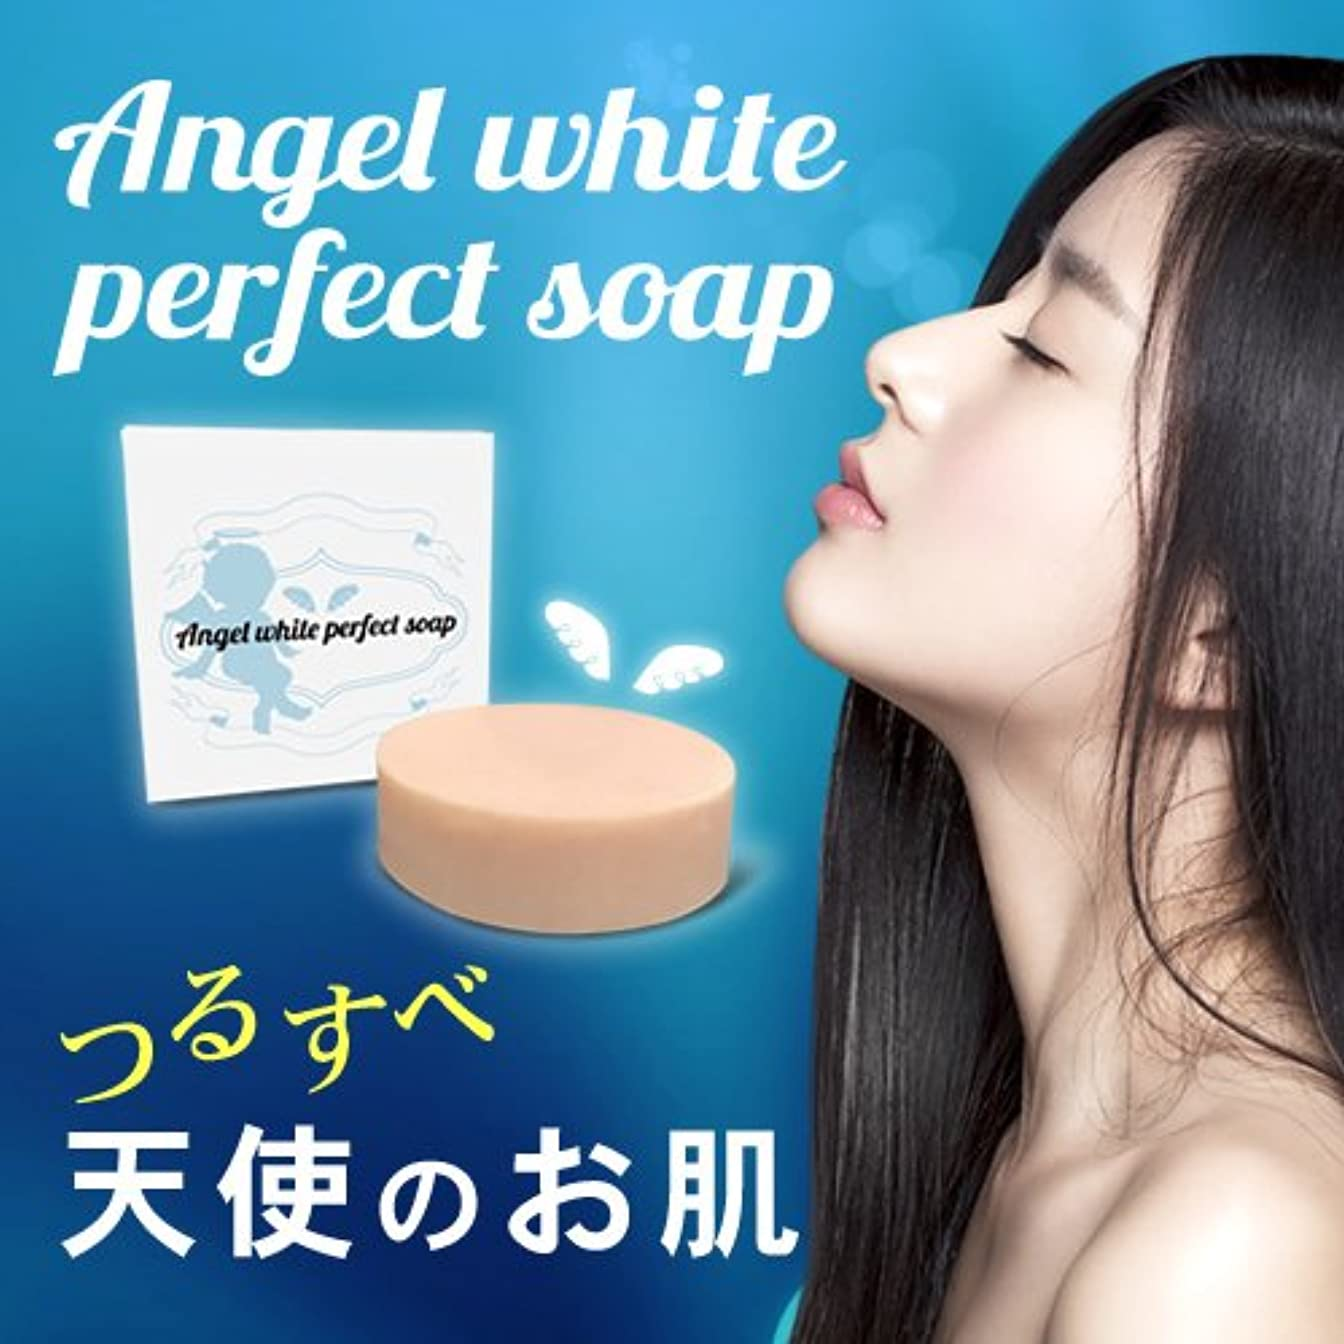 出会い電圧おじさんAngel White Perfect Soap(エンジェルホワイトパーフェクトソープ) 美白 美白石けん 美肌 洗顔石鹸